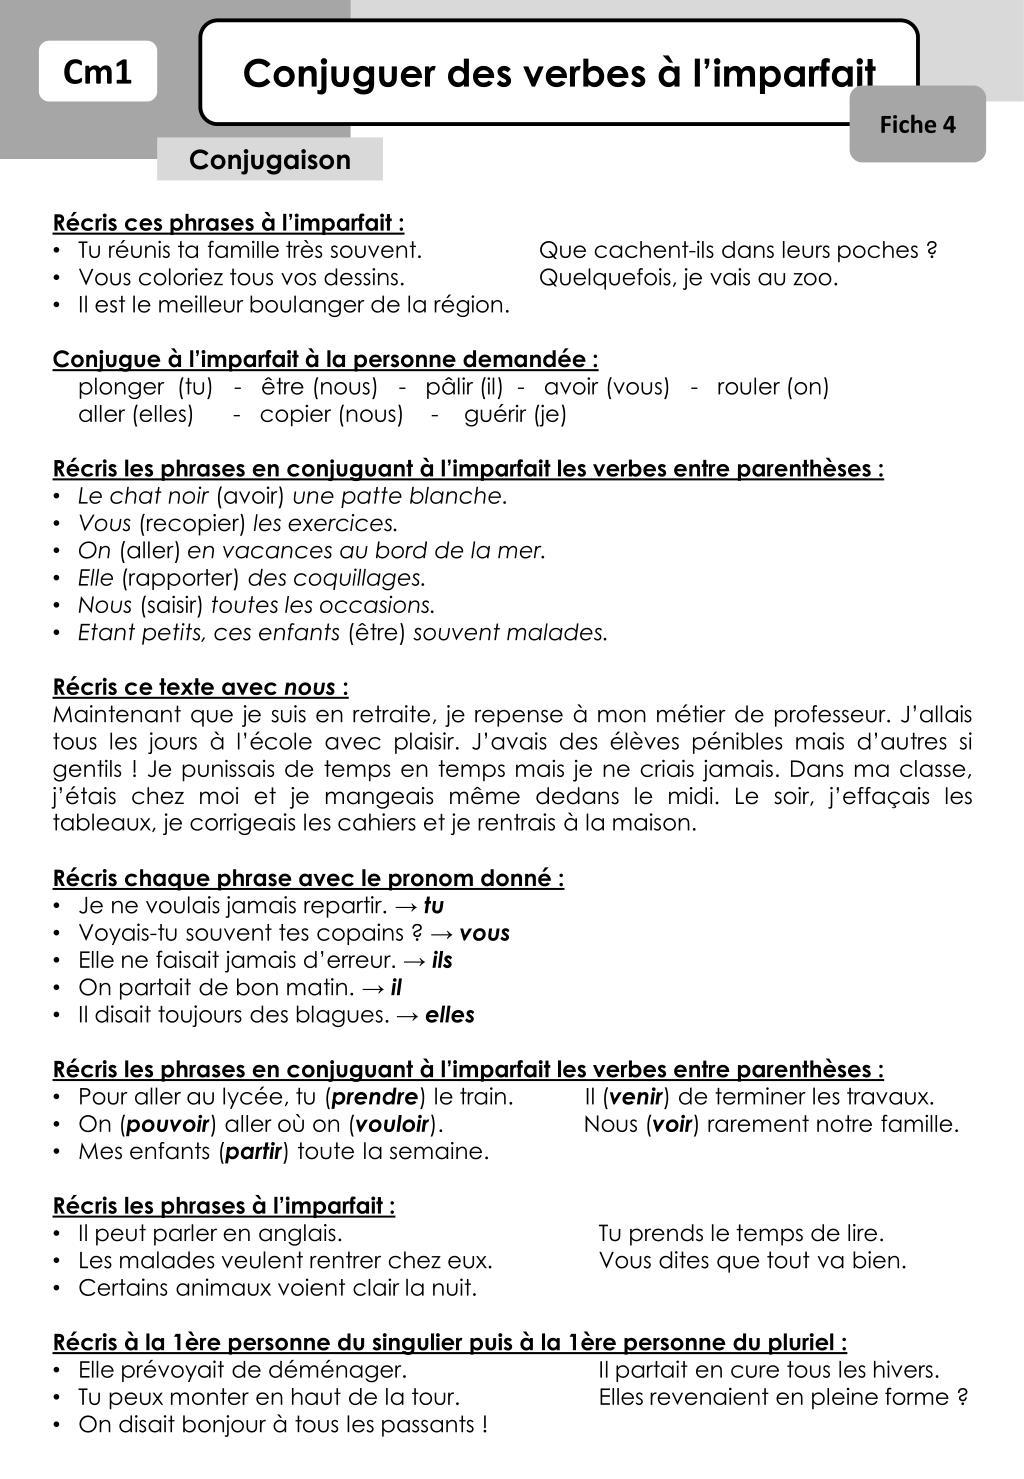 Ppt Conjuguer Des Verbes A L Imparfait Powerpoint Presentation Free Download Id 6604375